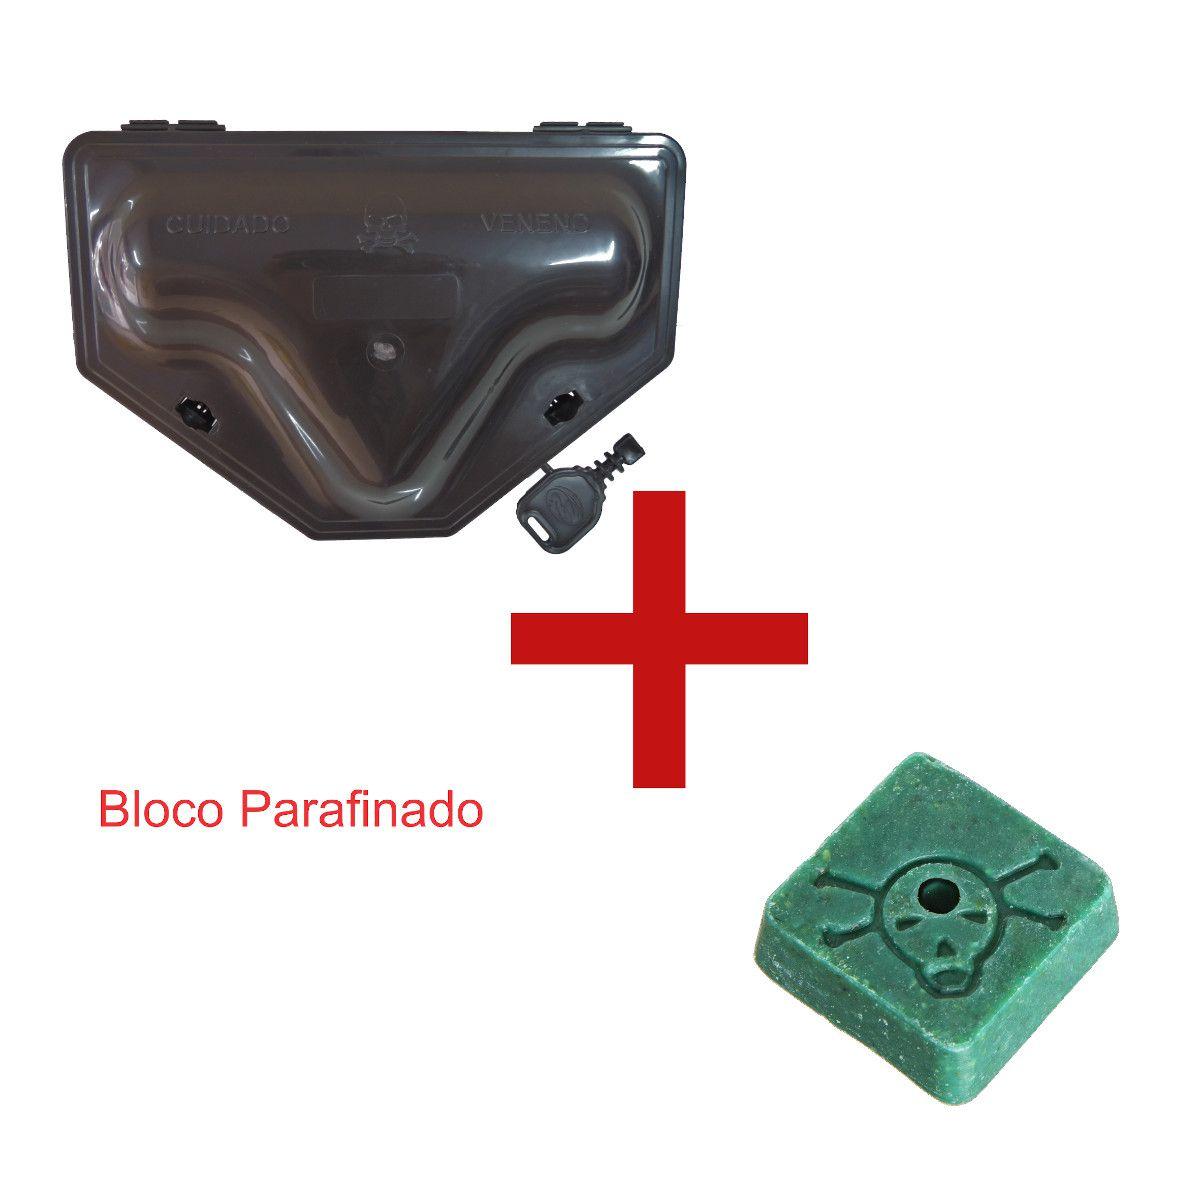 27 Porta Iscas C/ Duplo Travamento + 27 Bloco Parafinado